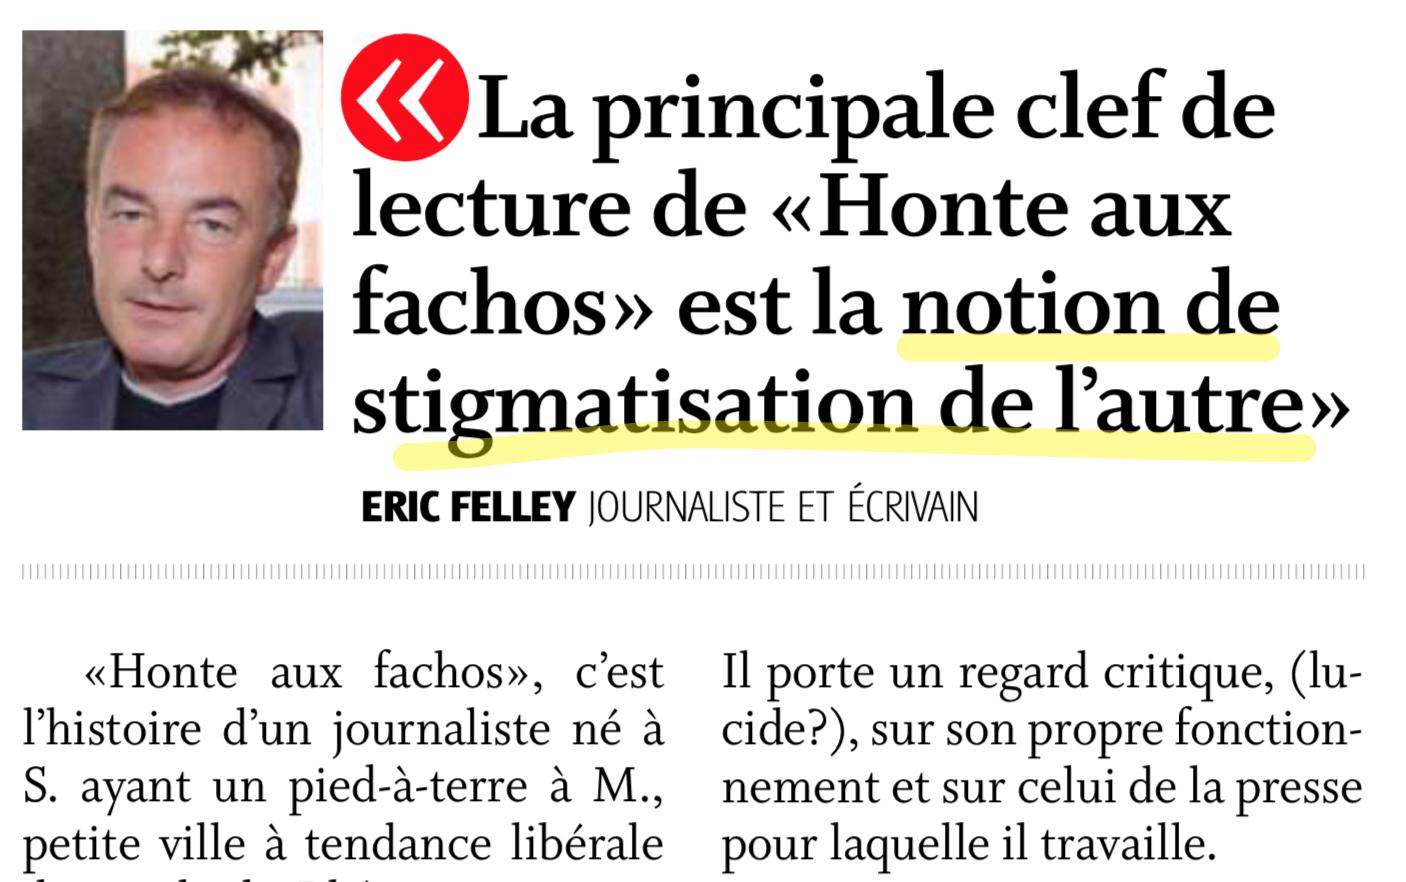 M. Felley est aussi romancier (Nouvelliste, 12.4.2012)